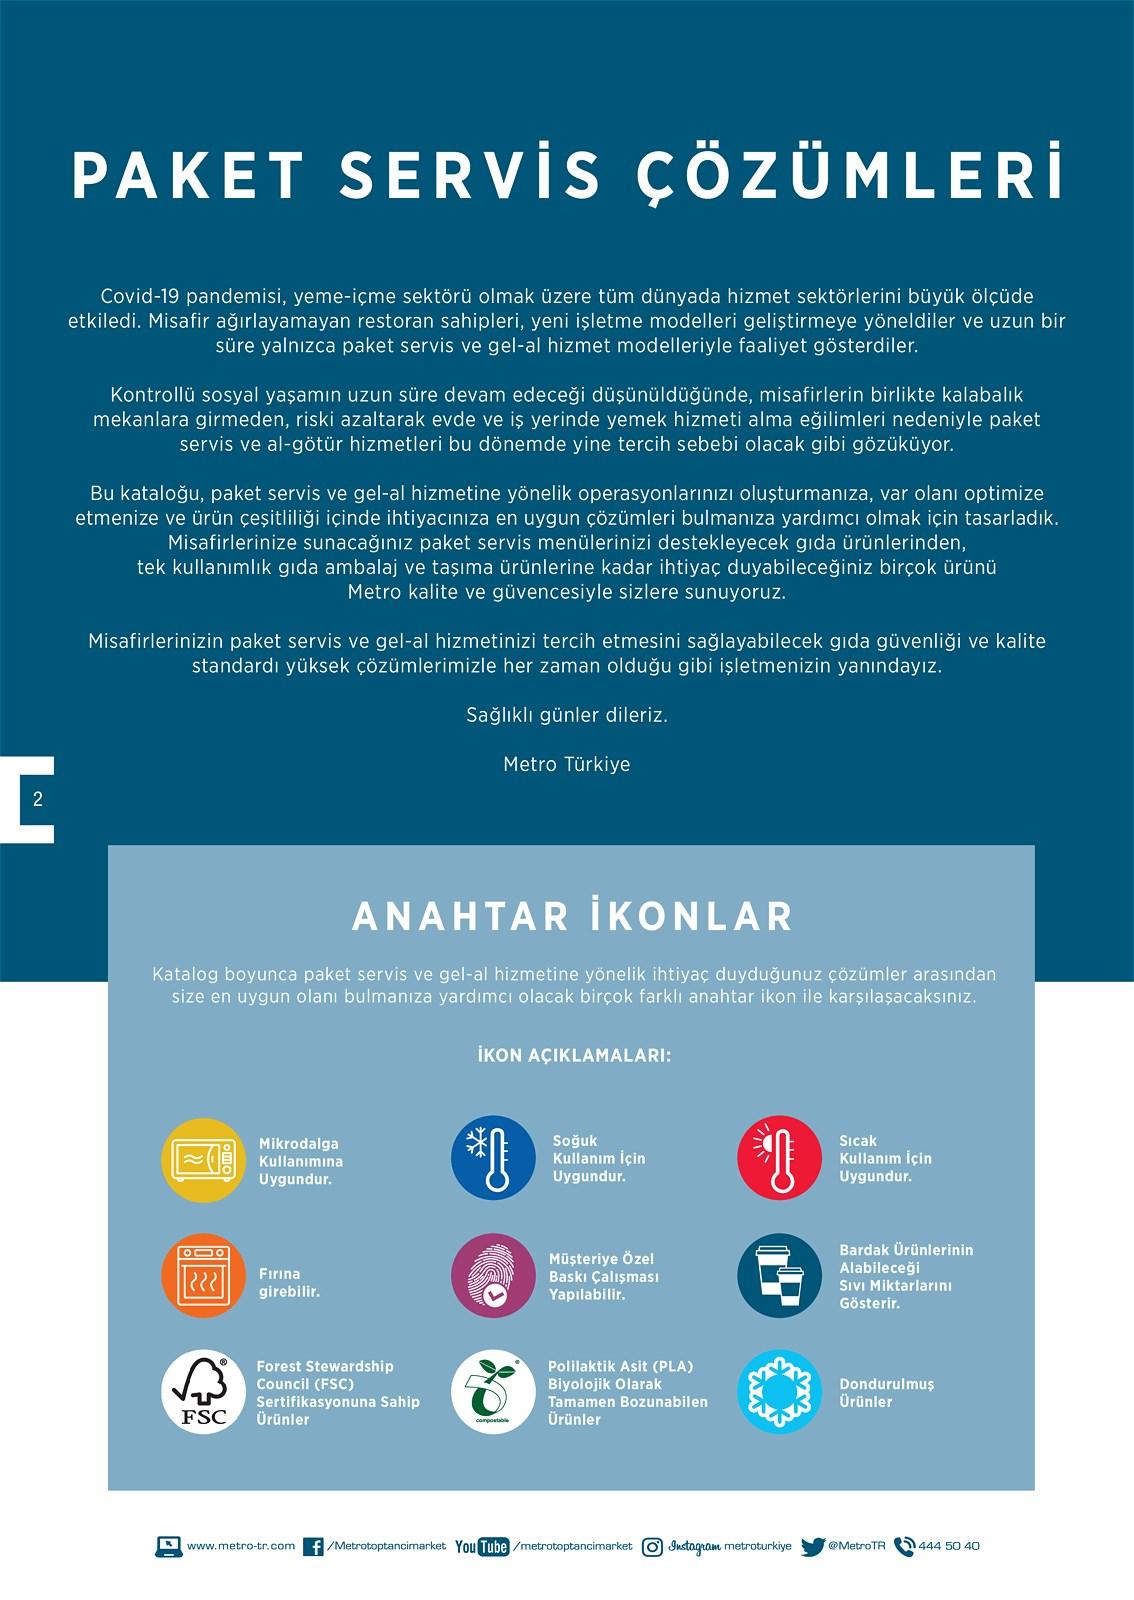 01.01.2021 Metro broşürü 2. sayfa